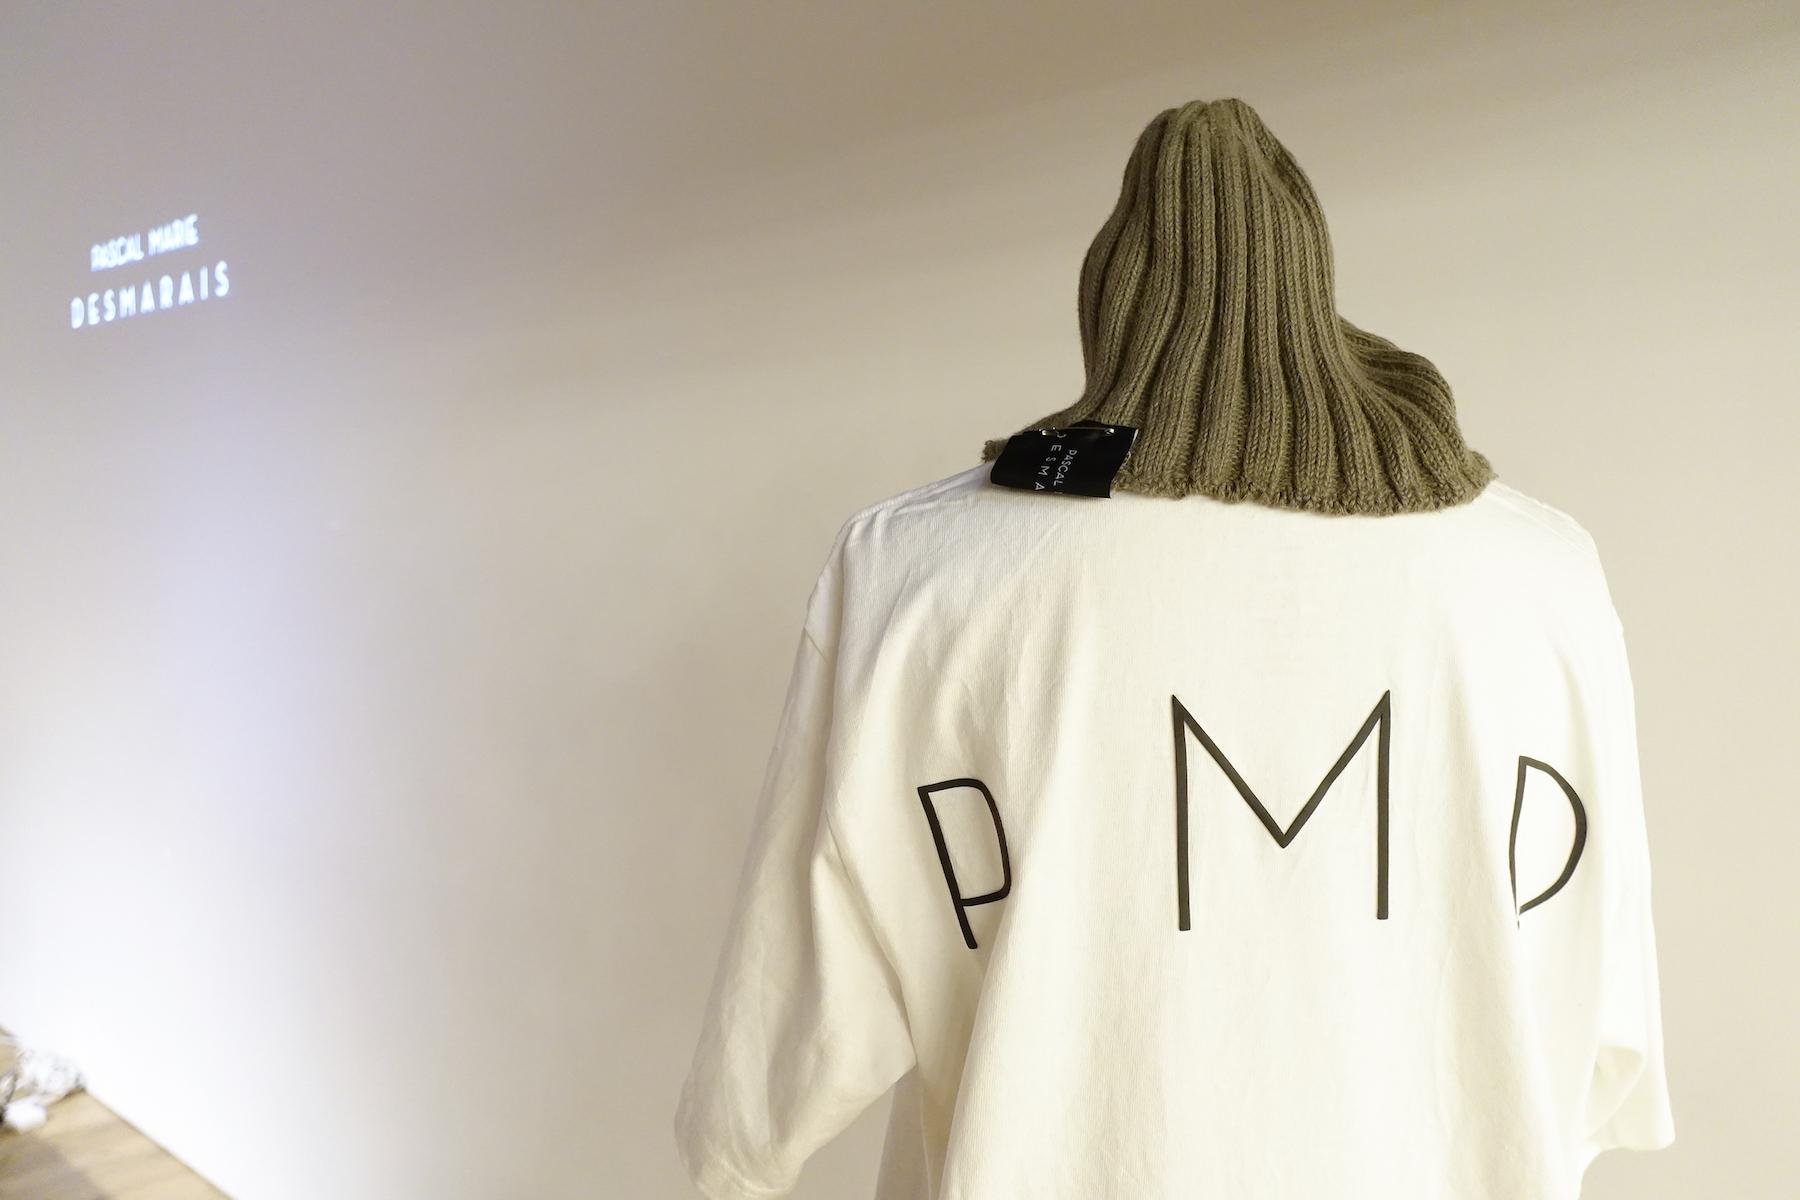 PMD_0606_2